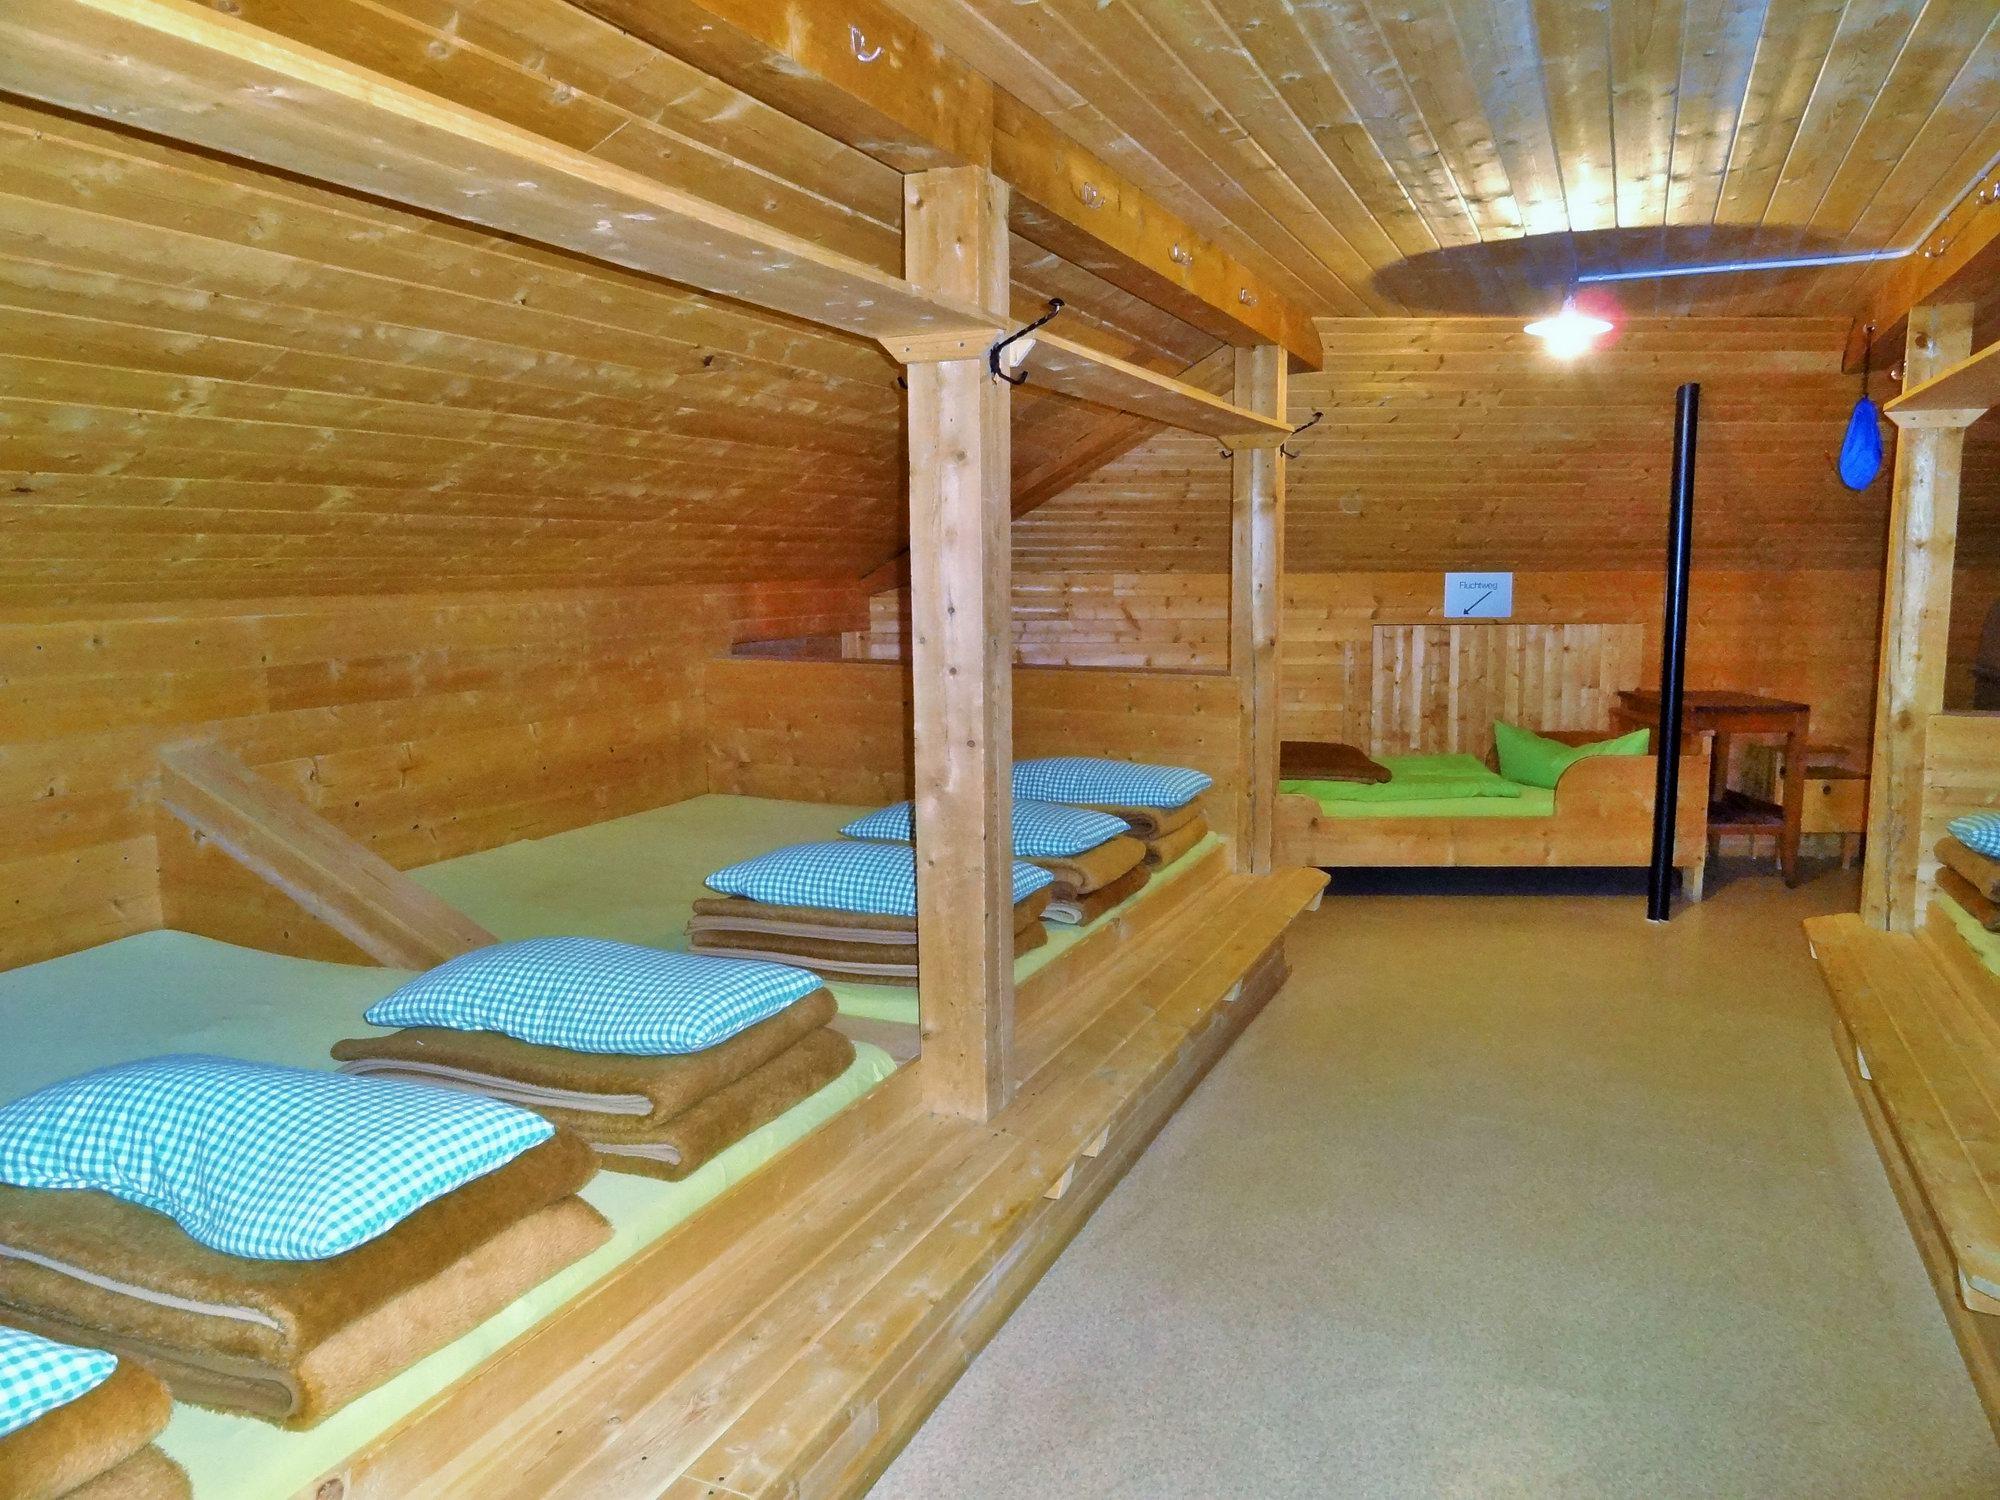 Matrazenlager der Sulzenahütte